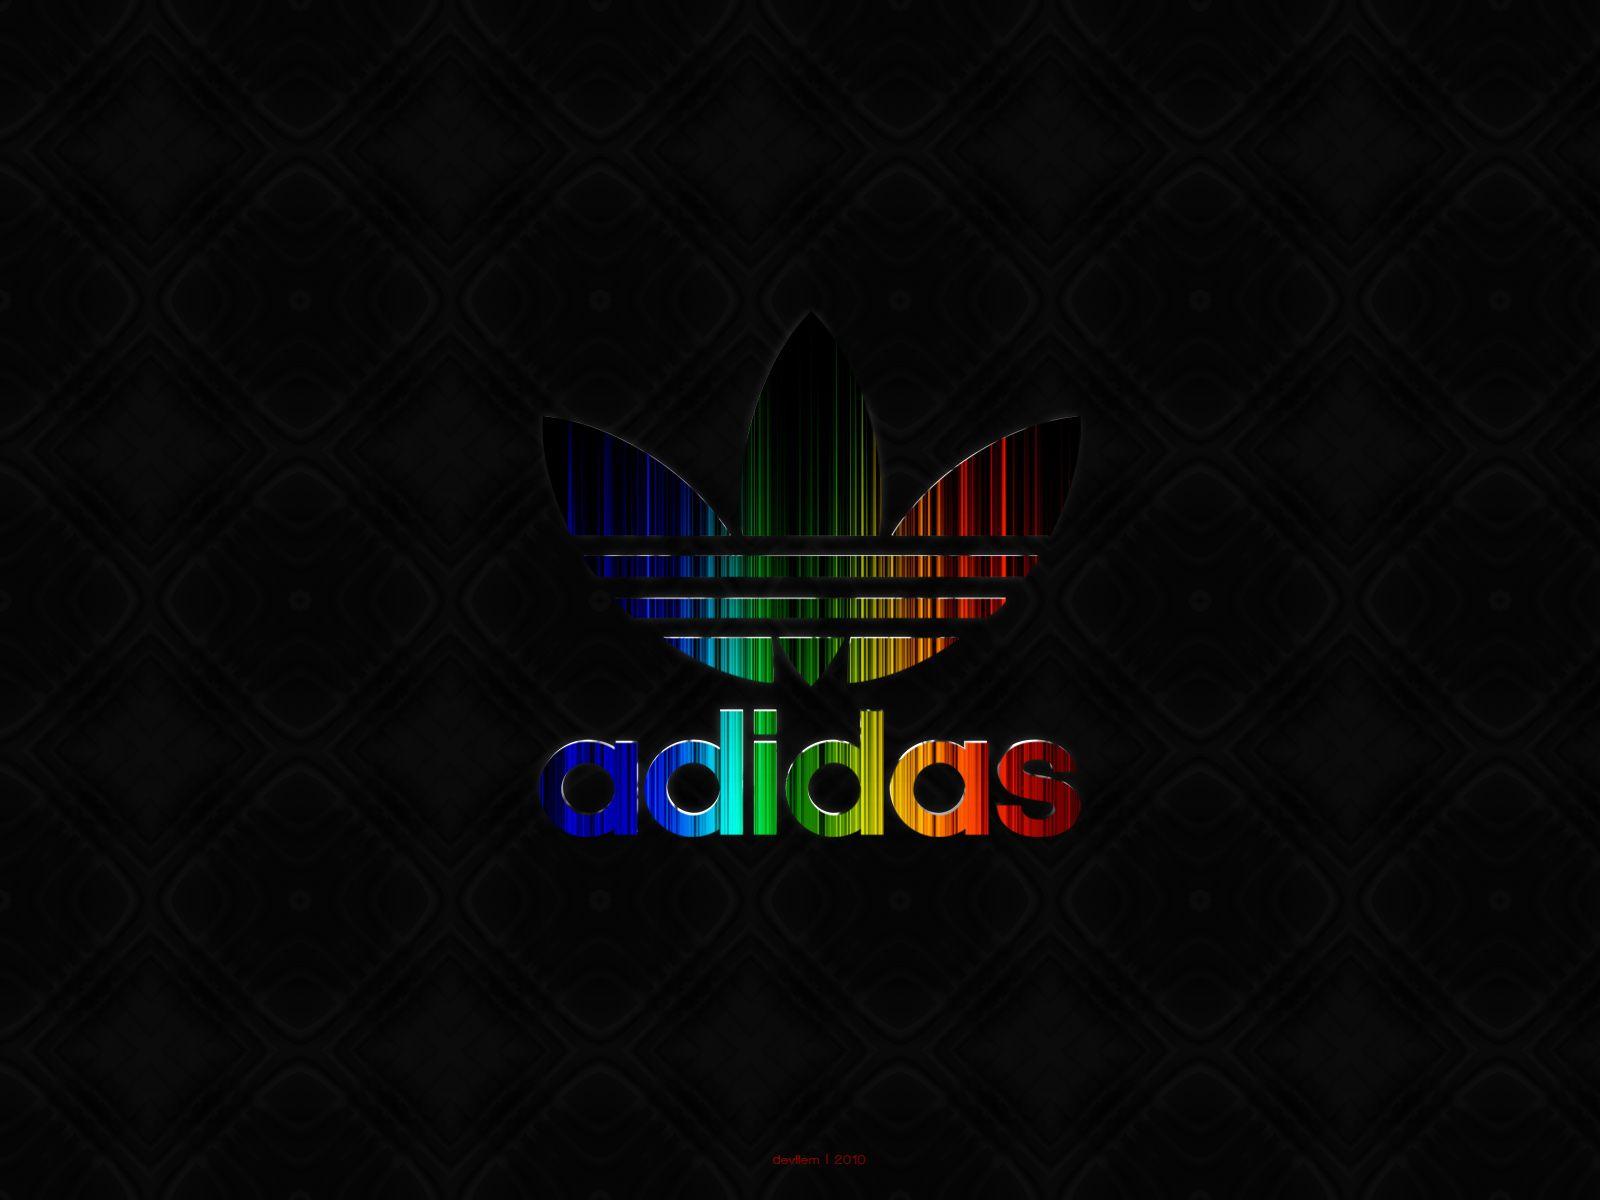 Patrón De Fondo De Pantalla De Deportes: Imagenes De Adidas Y Nike Para Fondo Escritorio Taringa